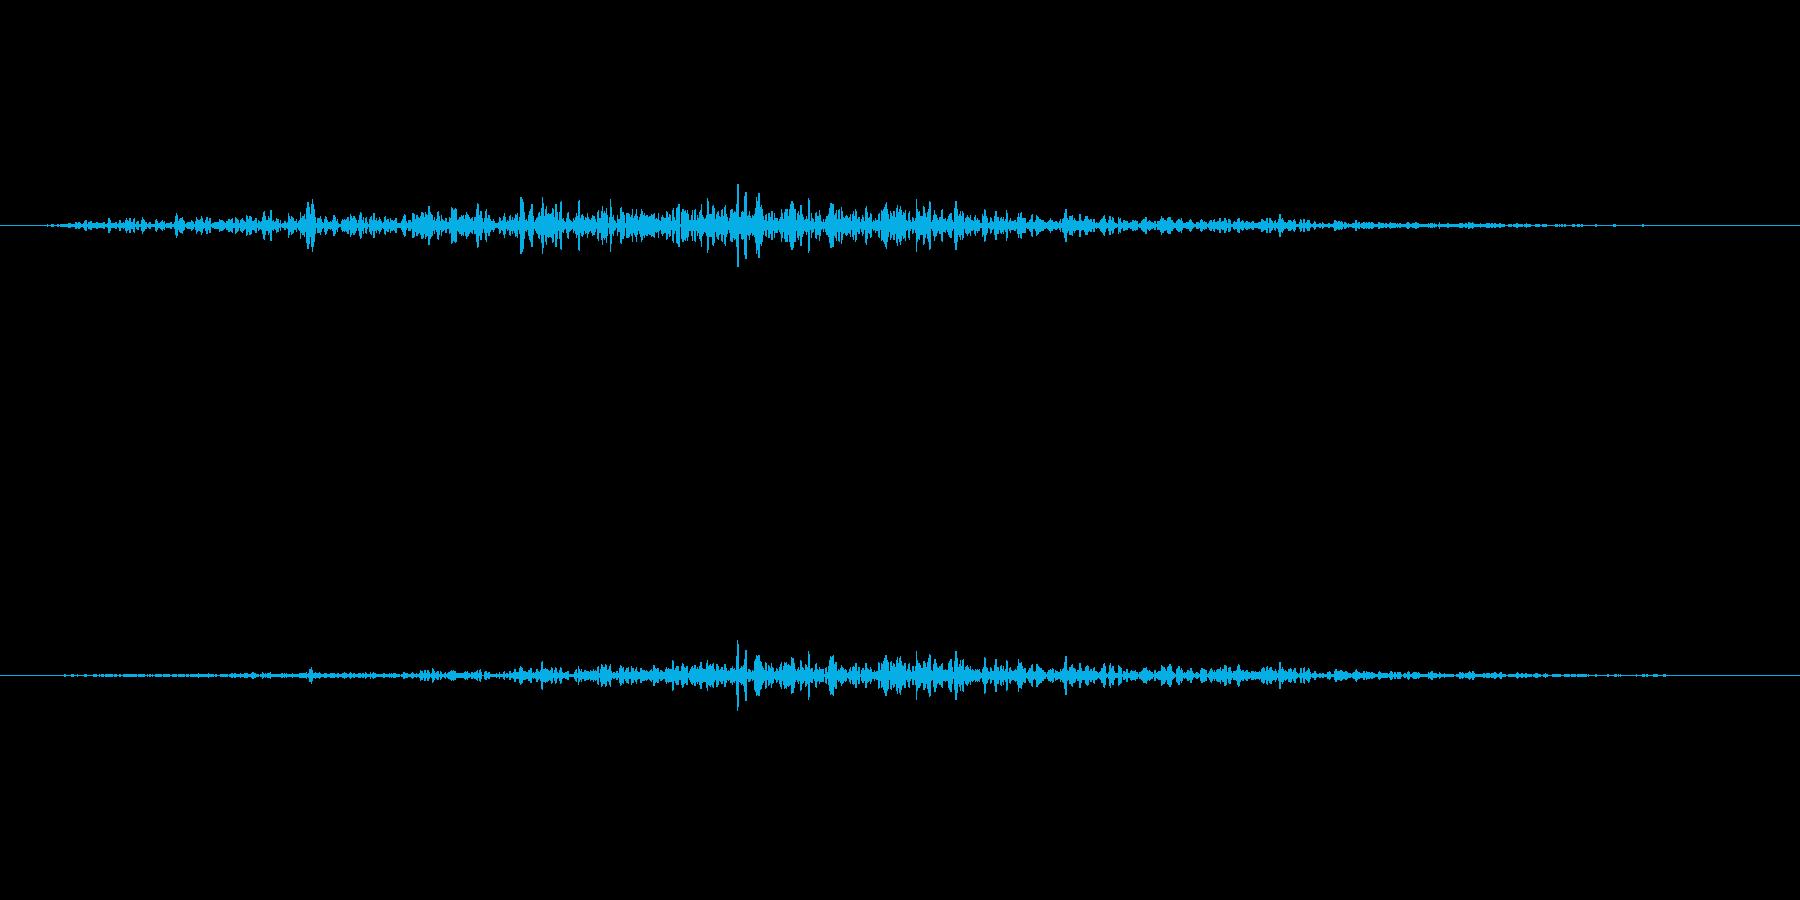 ぶおーの再生済みの波形